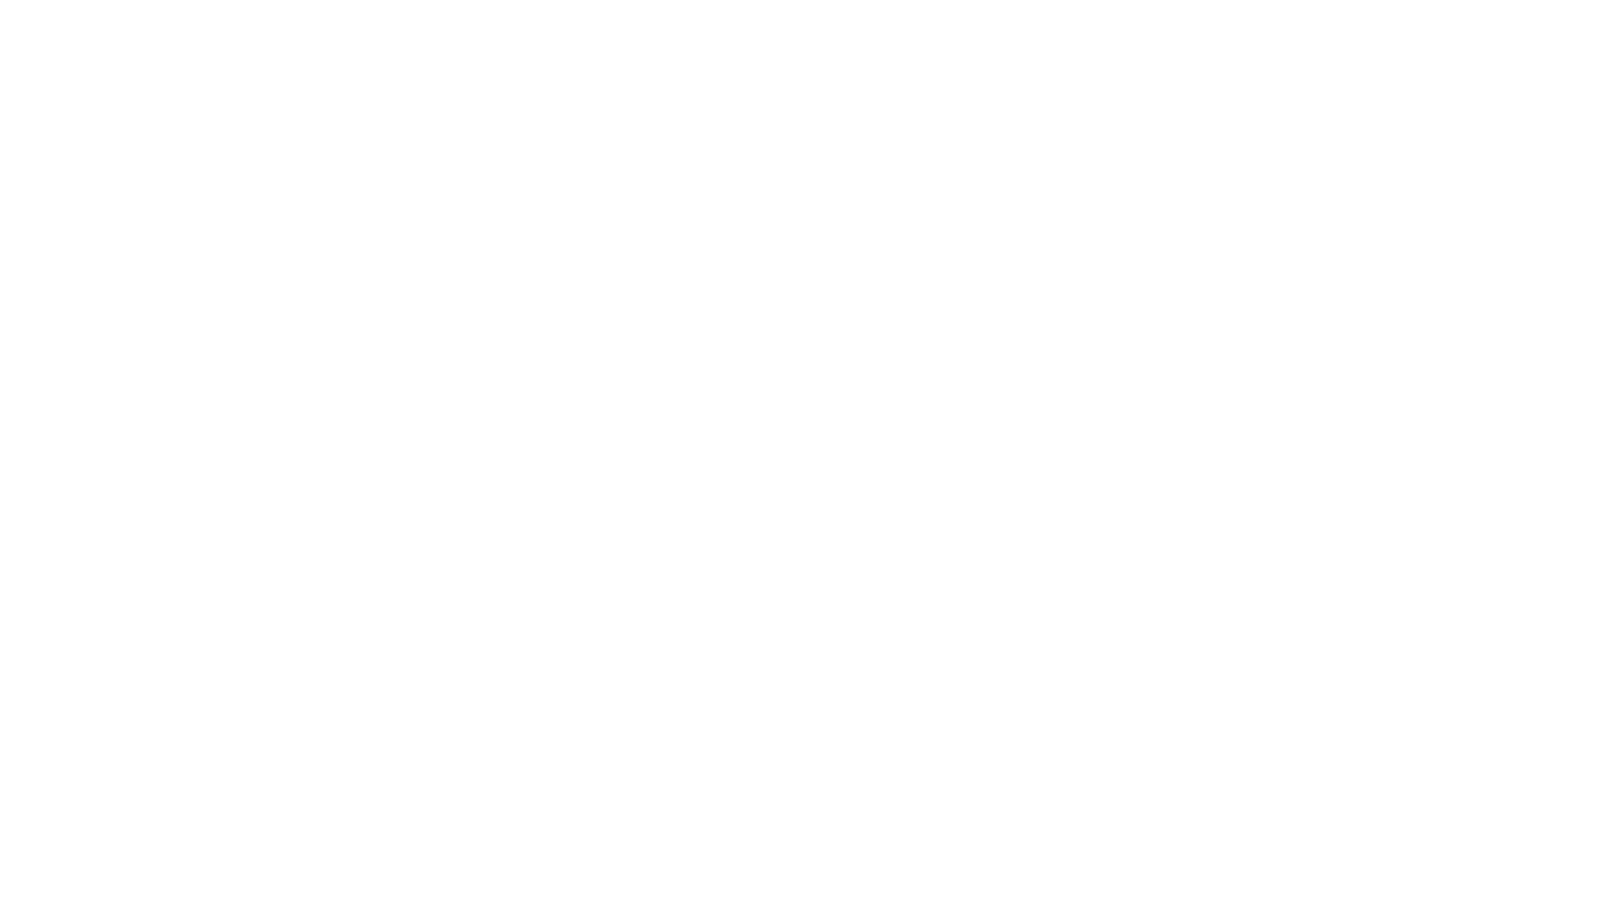 Inmobiliaria Sant Just vende estudio en La Pineda a 100 metros de la playa. Este estudio está situado en una zona tranquila de La Pineda. Se trata de un estudio que dispone de amplia sala de estar, cocina americana equipada con electrodomésticos y también dispone de un baño completo con plato de ducha. Si compra este apartamento en La Pineda con Inmobiliaria Sant Just, disfrutará de nuestros servicios premium.